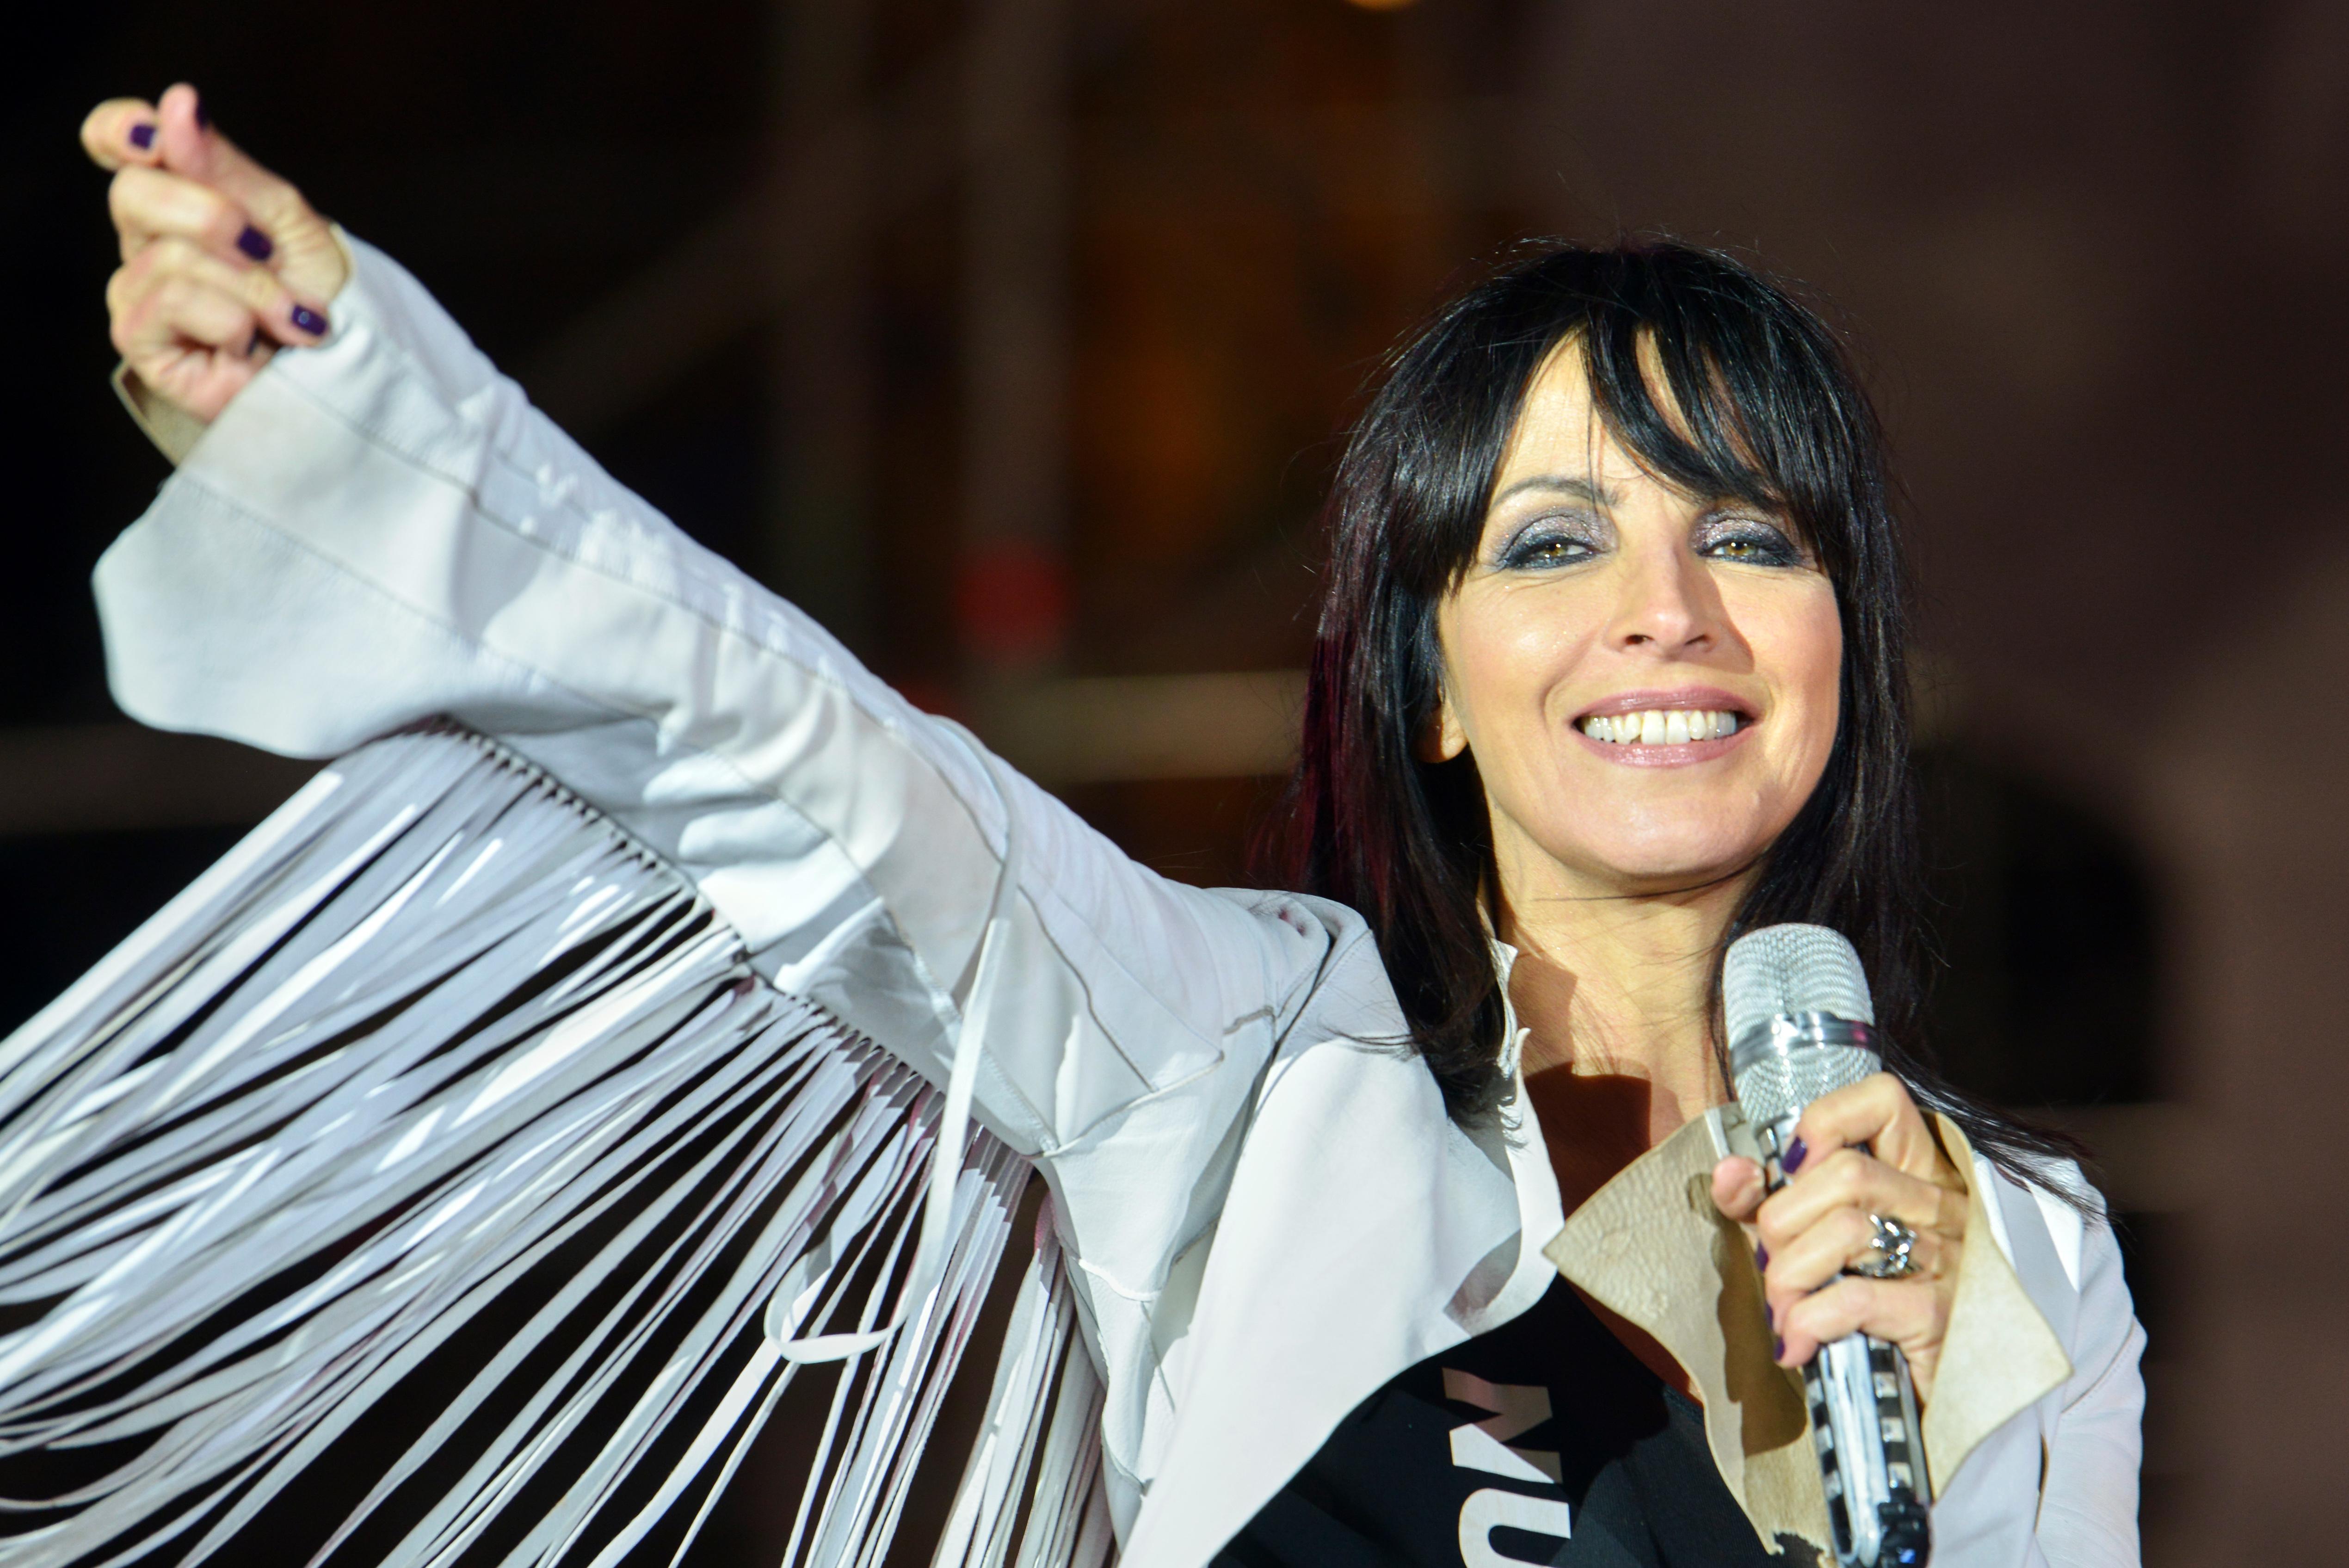 Sängerin Nena